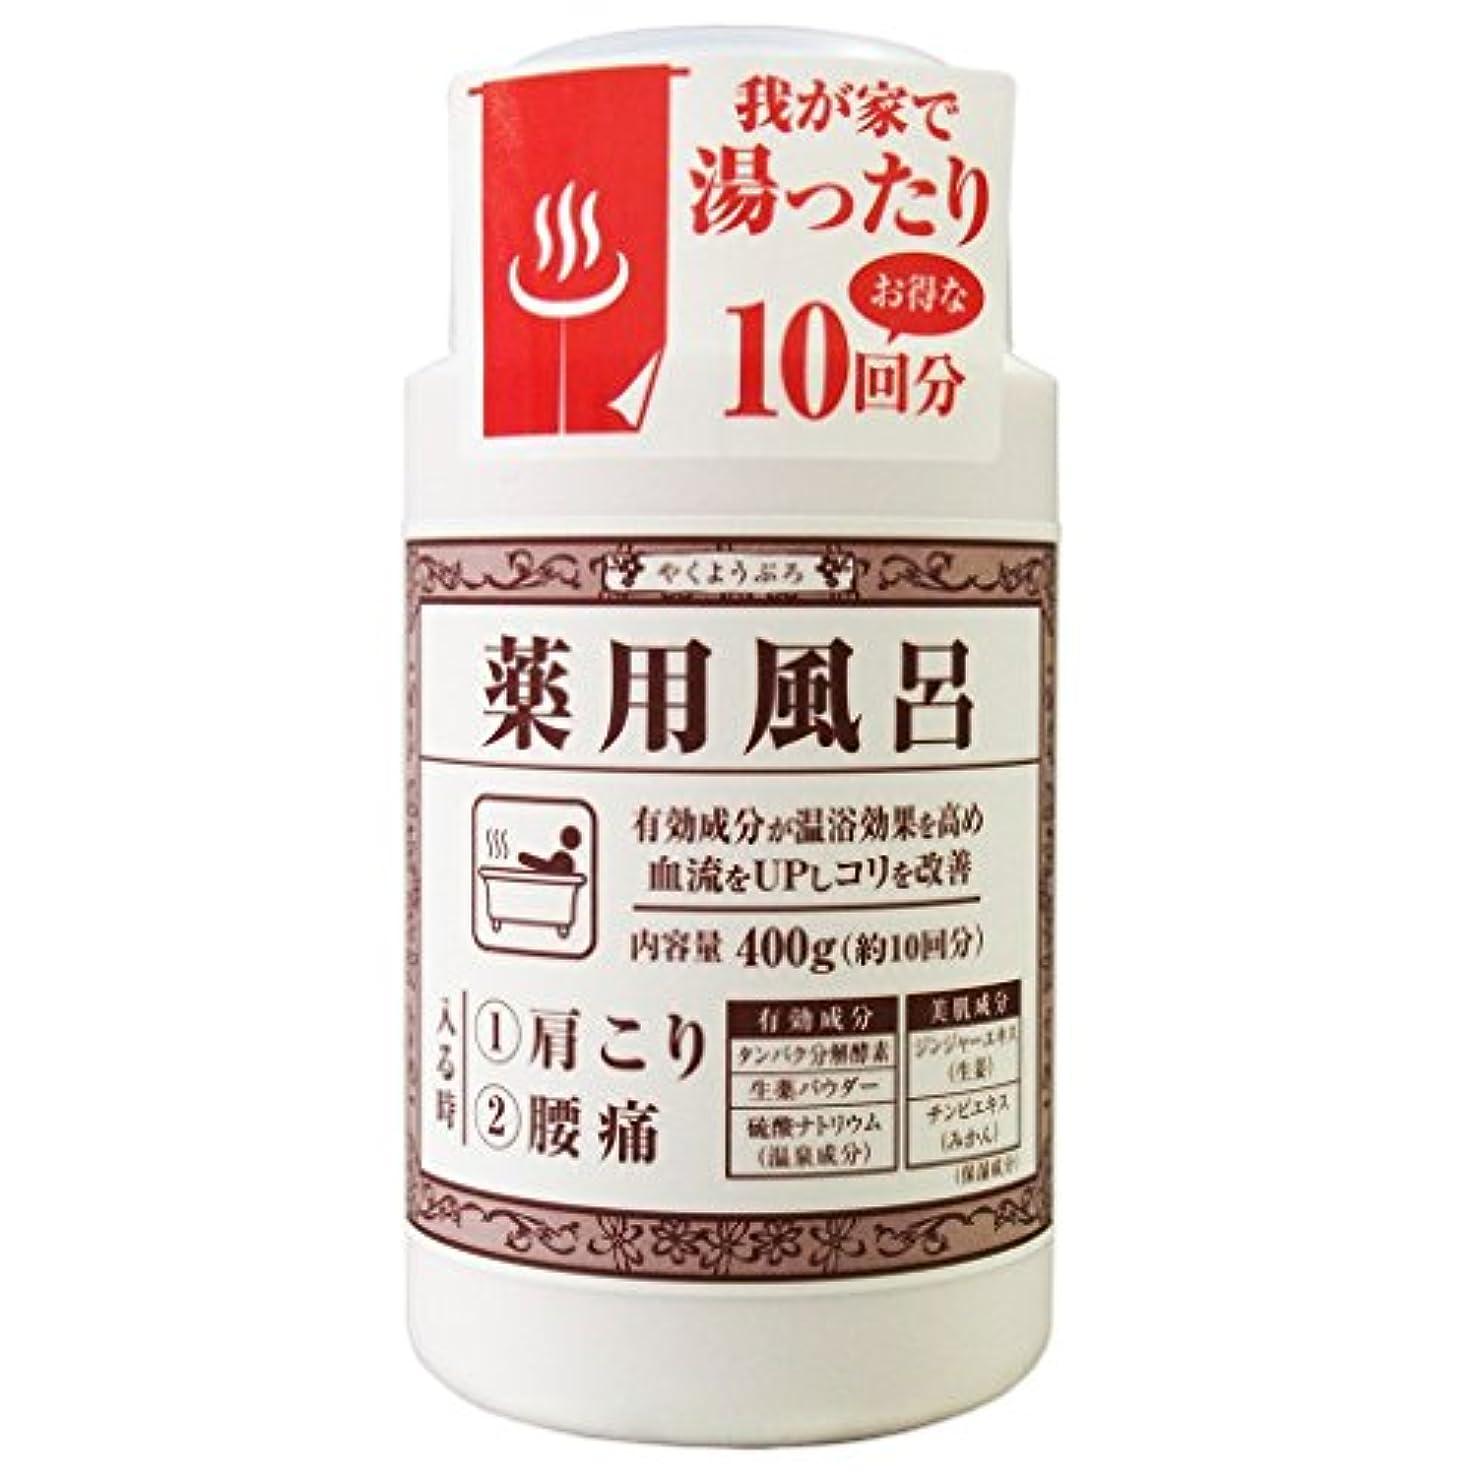 軽食セール検査官薬用風呂KKa 肩こり・腰痛 ボトル 400g(医薬部外品)